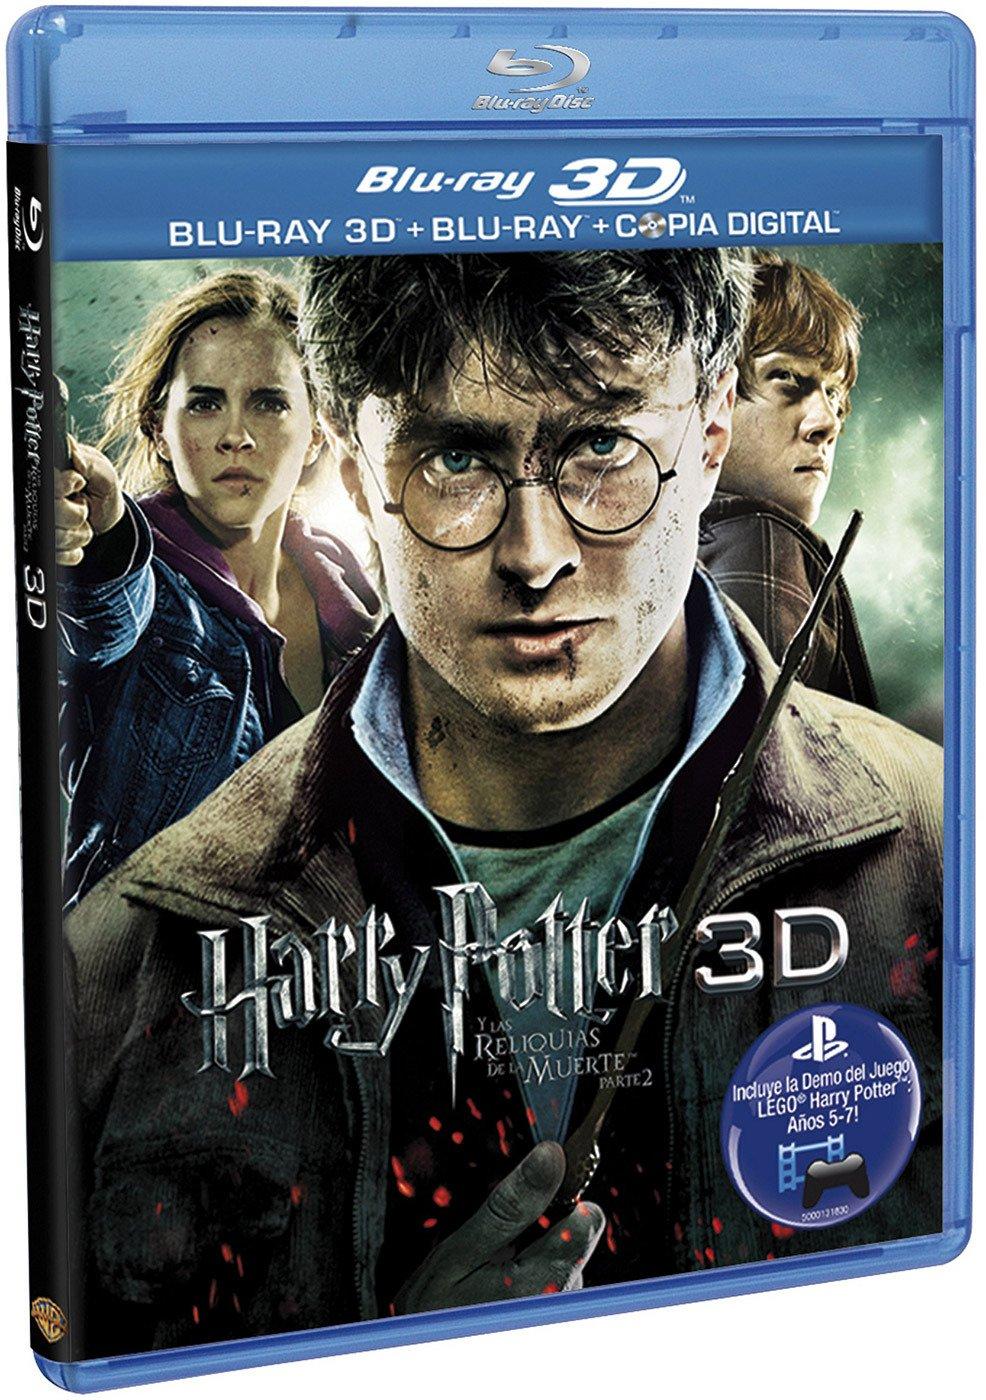 Harry Potter Y Las Reliquias De La Muerte - Parte 2 [Blu-ray 3D] [Import espagnol]